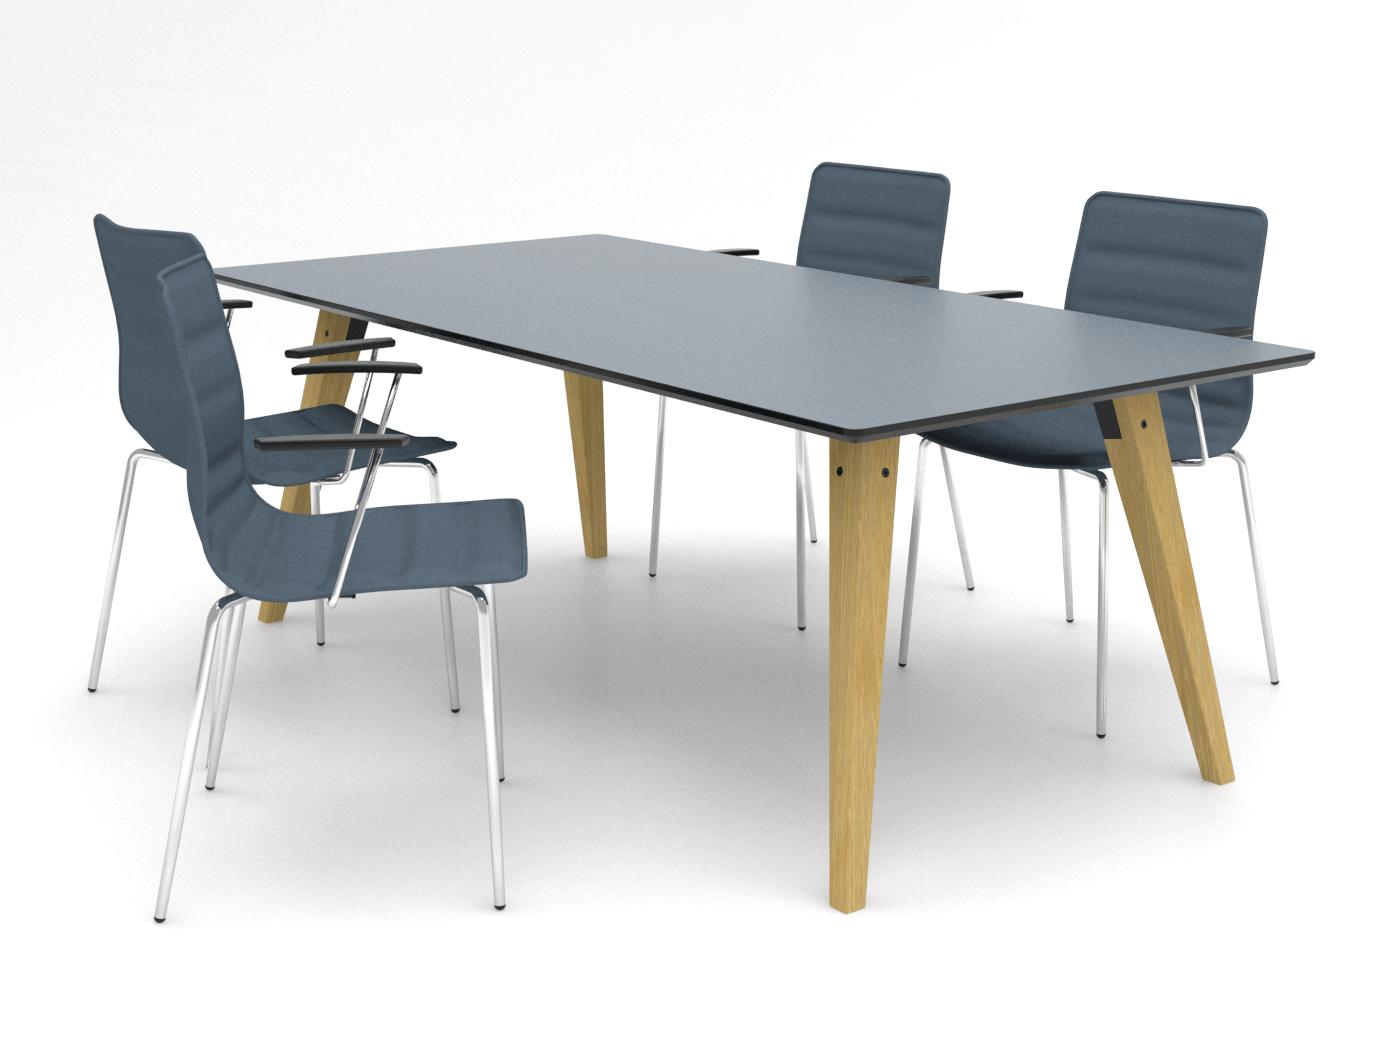 Cube Design | kontormøbler | Spider | Mødebord | S10 | massive træben | egetræsben